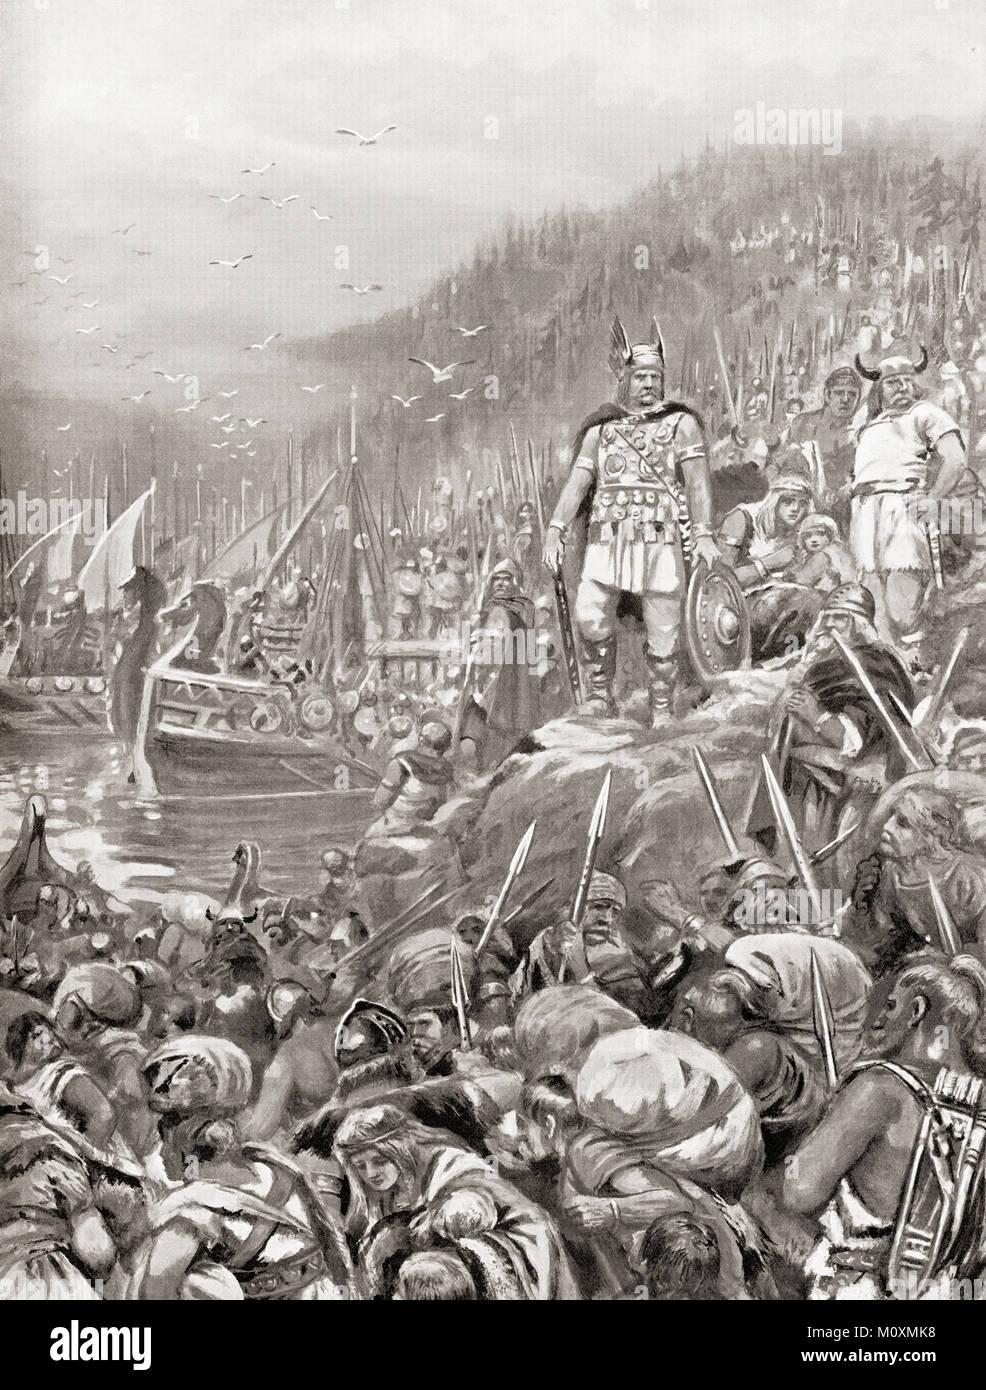 L'embarquement des Goths en 269 AD. Trois cent mille combattants engagés des rives du fleuve Tyras avec Photo Stock